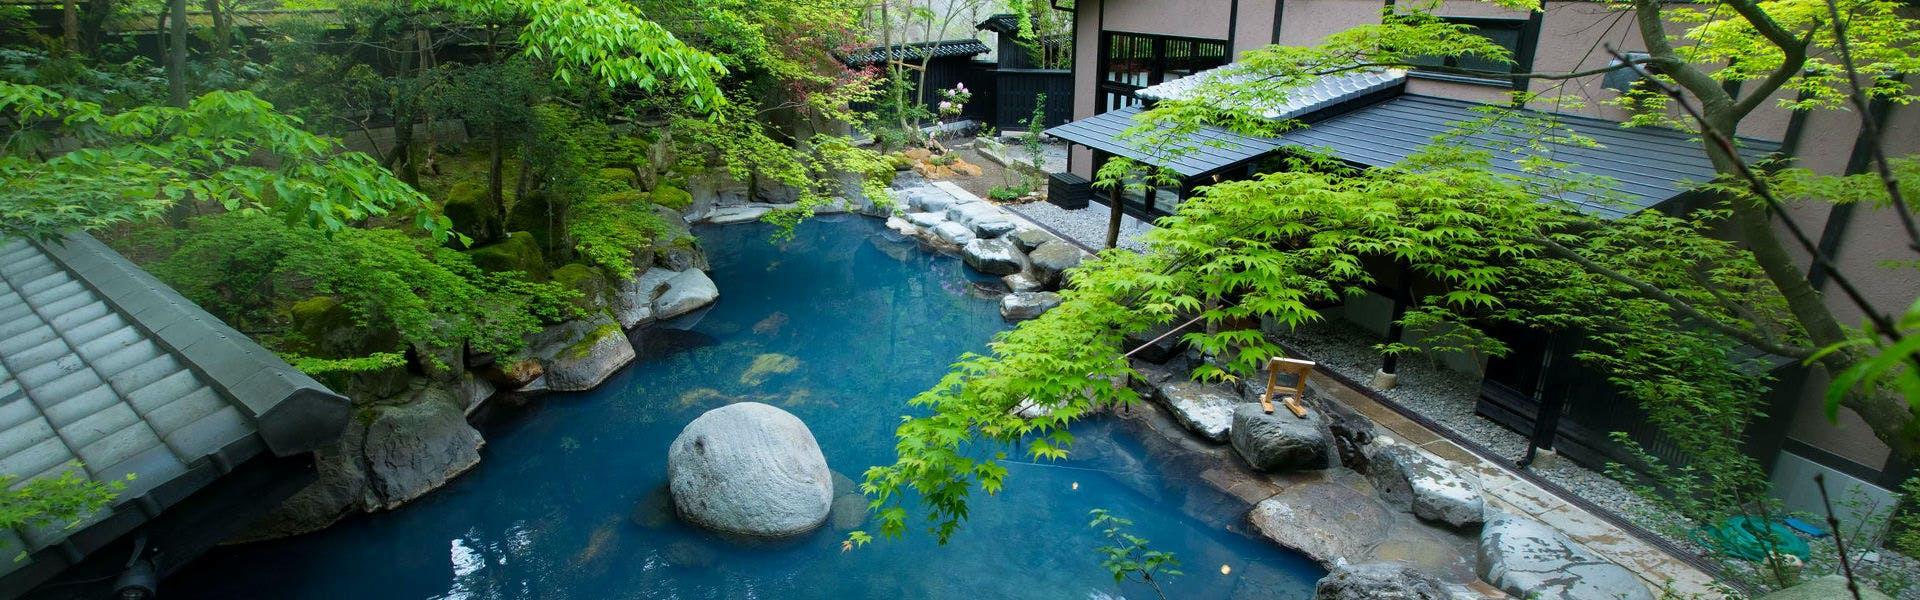 記念日におすすめのホテル・黒川荘の写真3